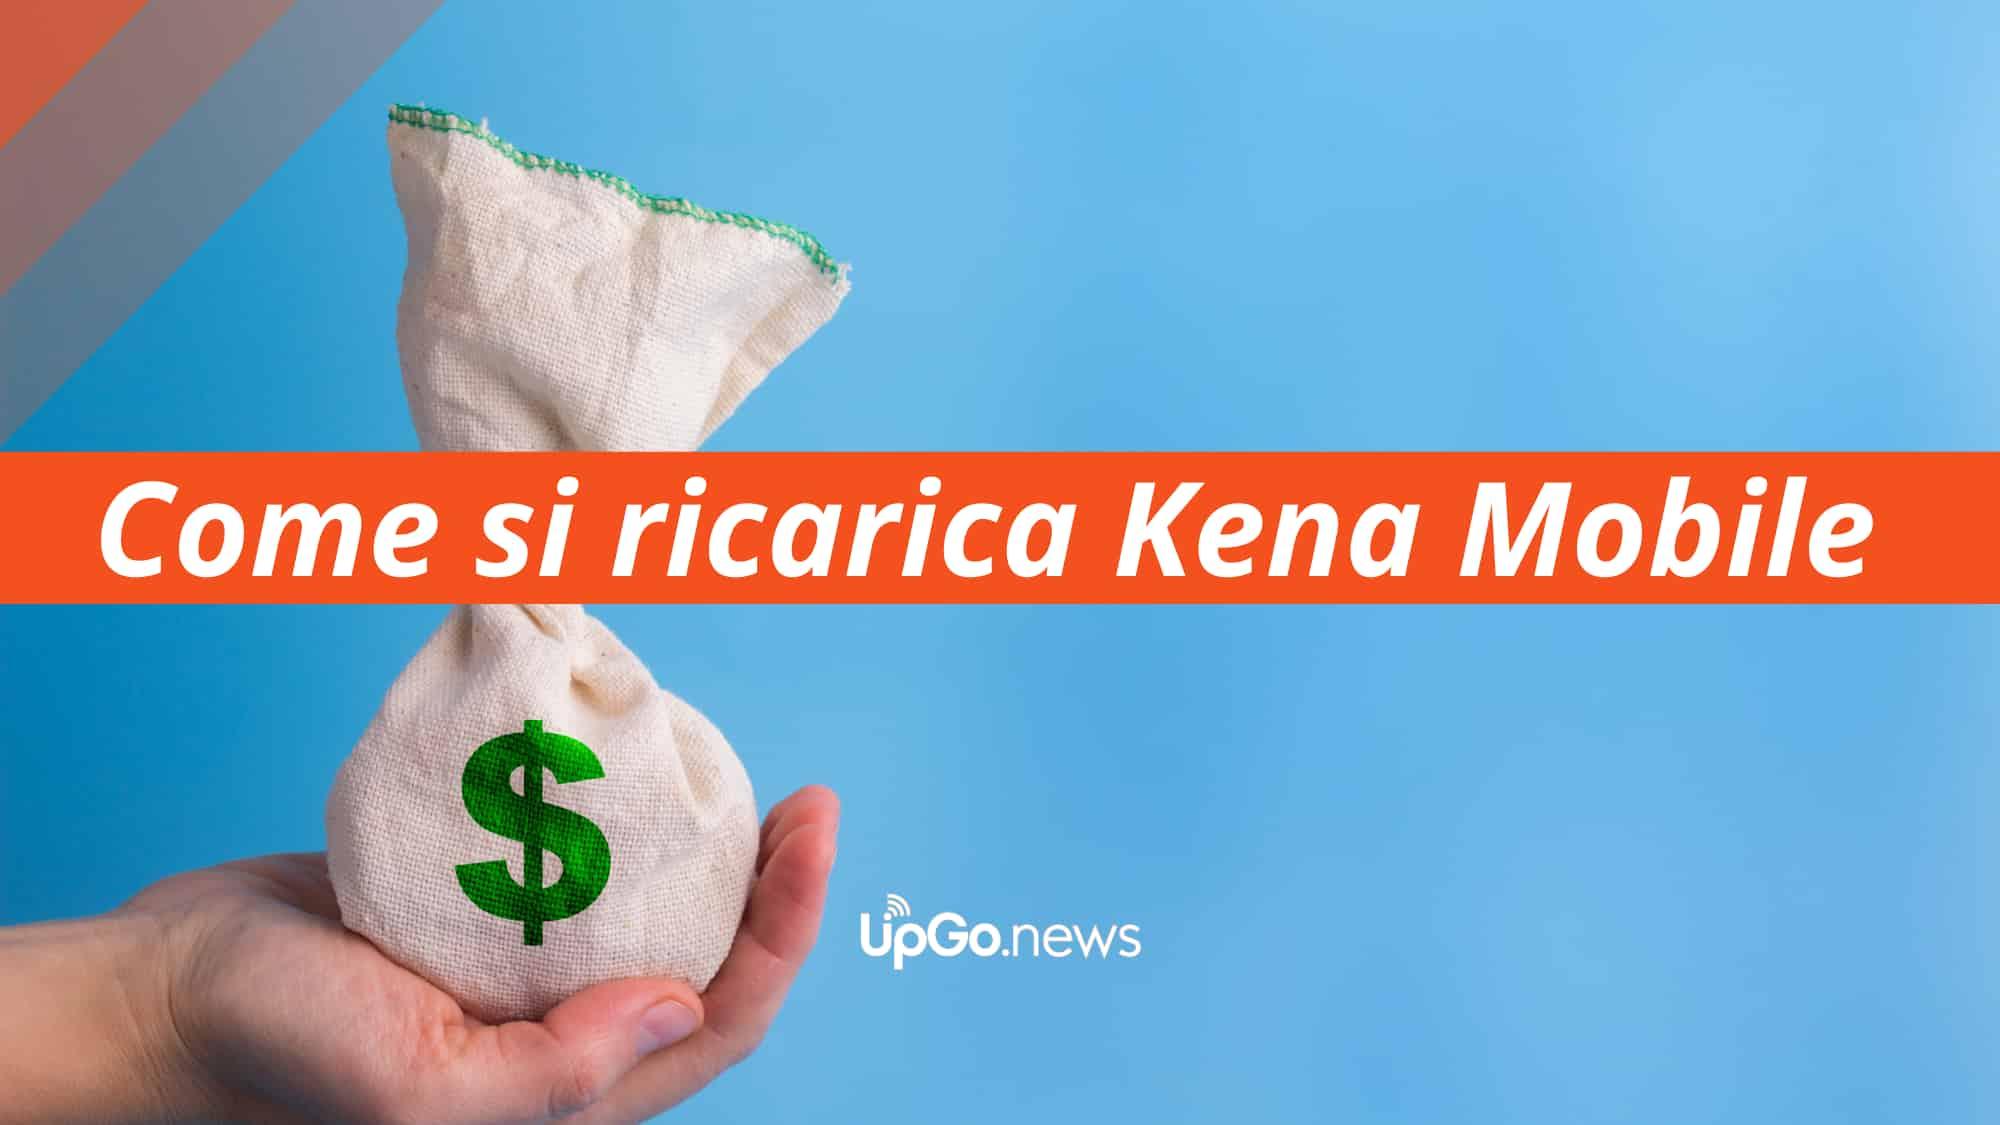 Come ricaricare Kena Mobile.